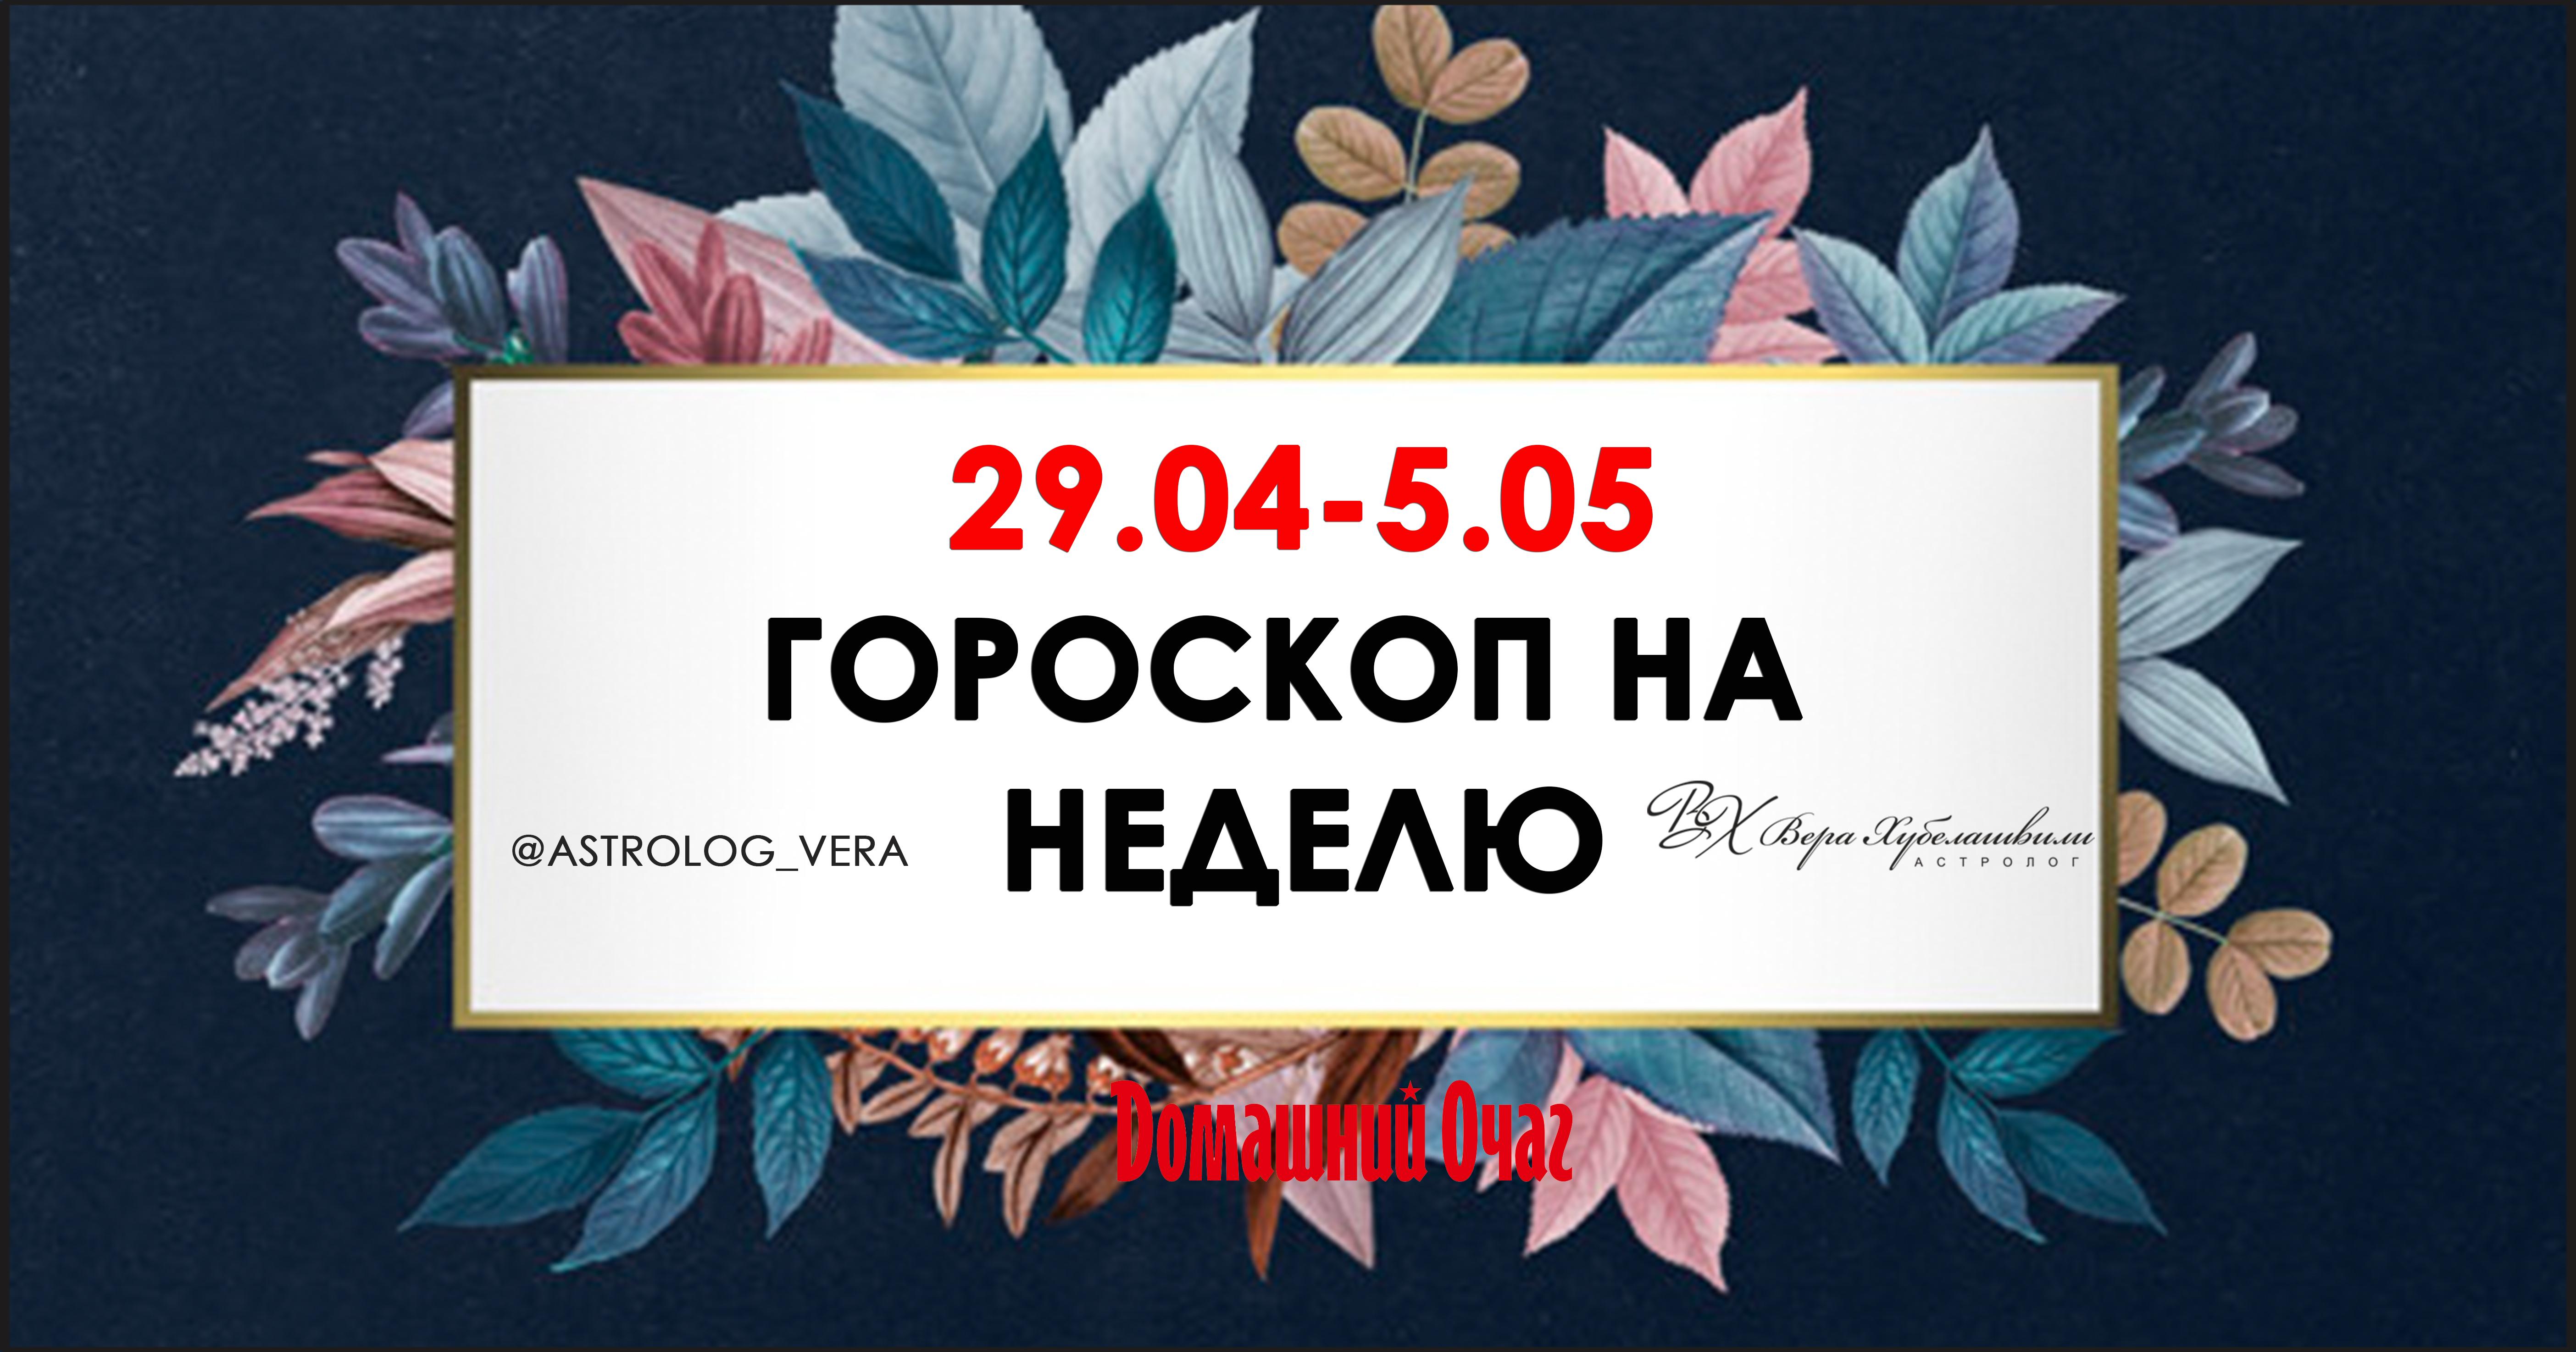 АСТРОЛОГИЧЕСКИЙ ПРОГНОЗ 29 АПРЕЛЯ - 5 МАЯ 2019 (ДОМАШНИЙ ОЧАГ)